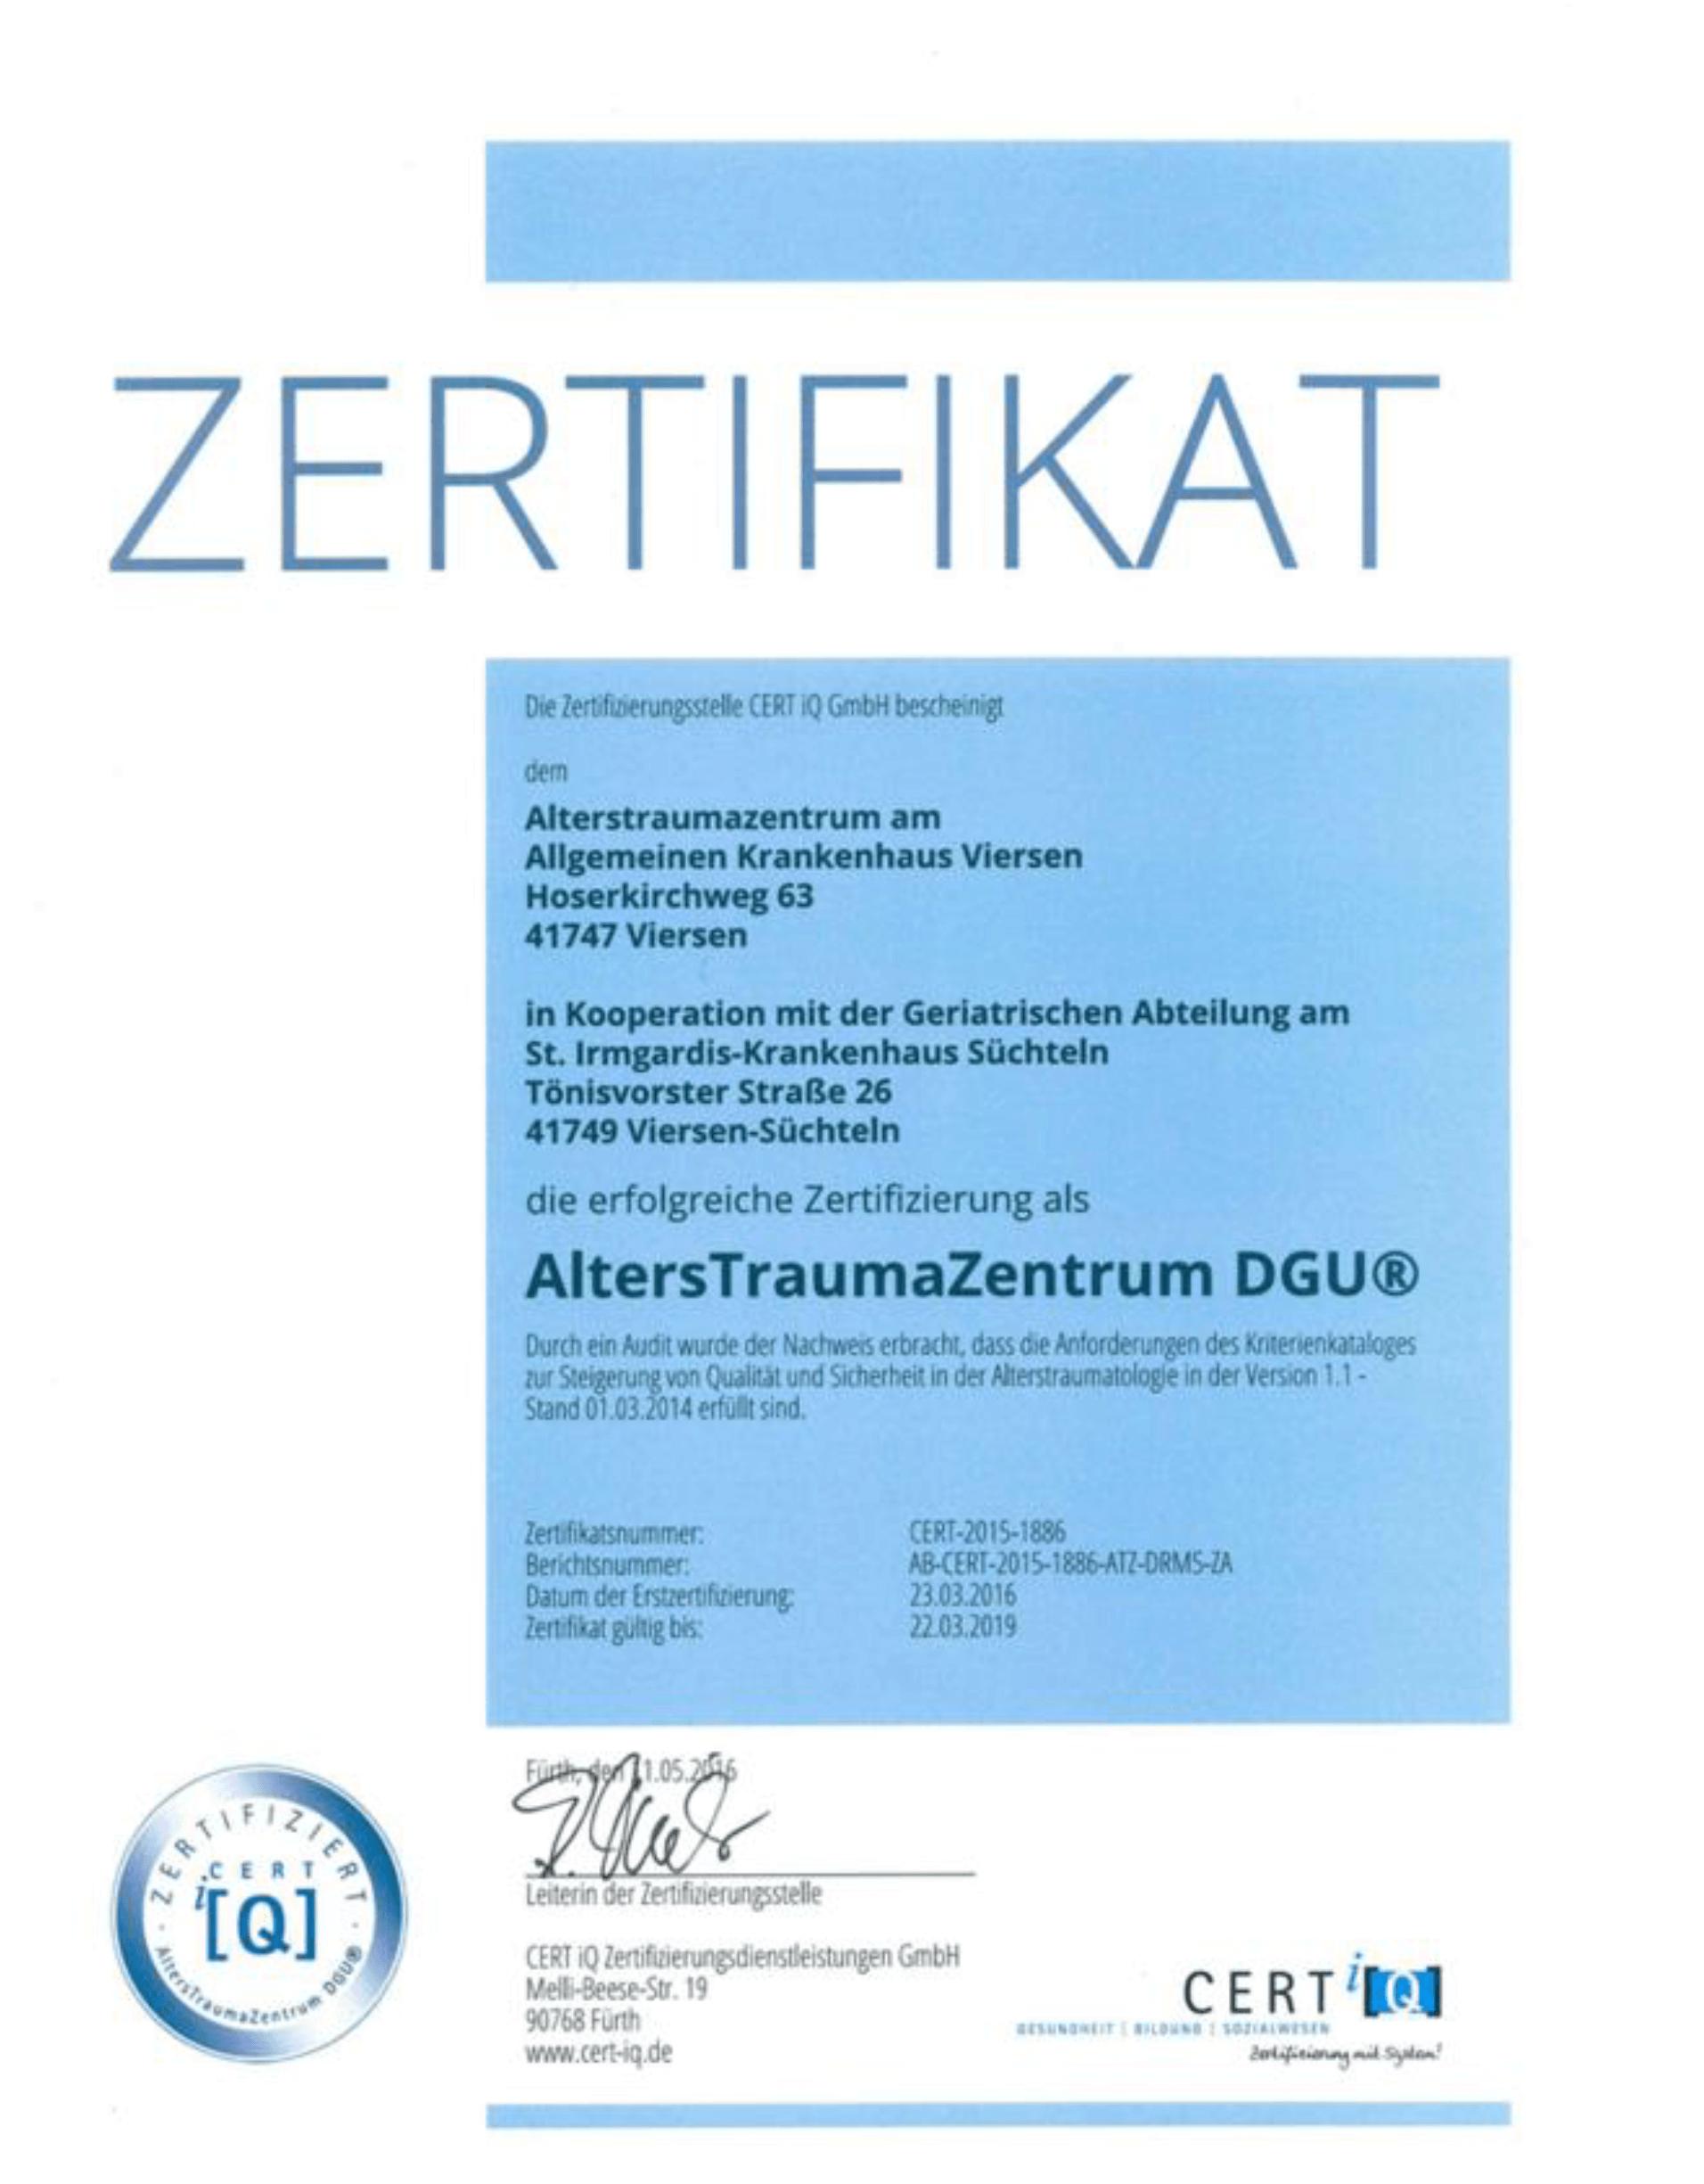 Alterstraumazentrum Zertifizierung